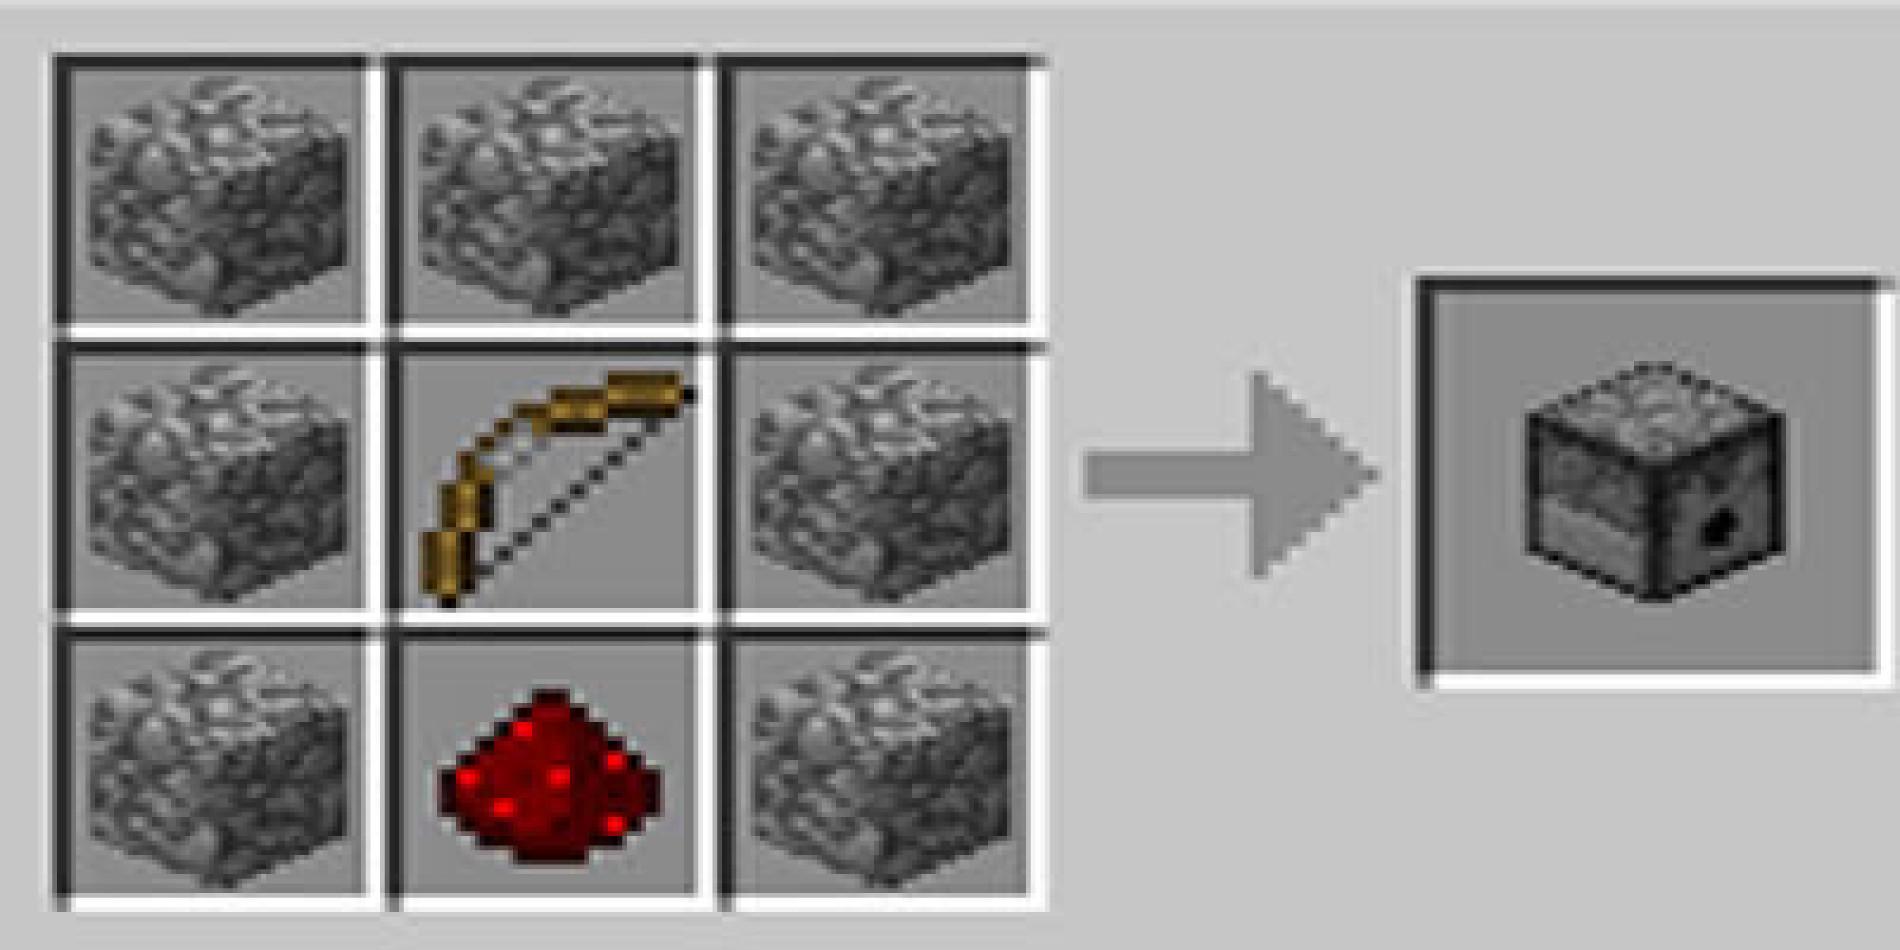 Como fazer um ejetor (dispenser) no Minecraft